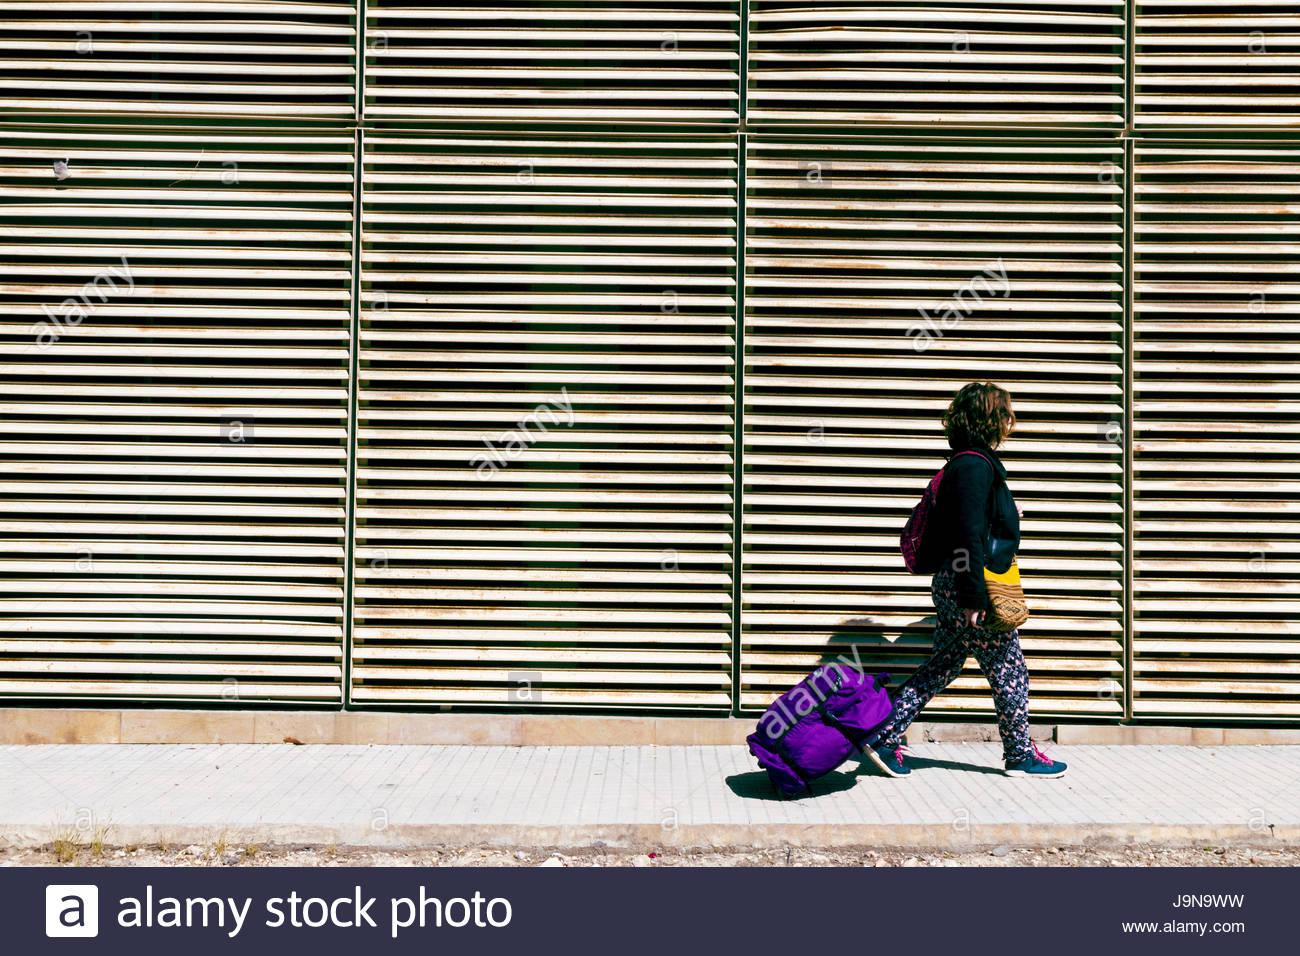 Personas Caminando - Stock Image